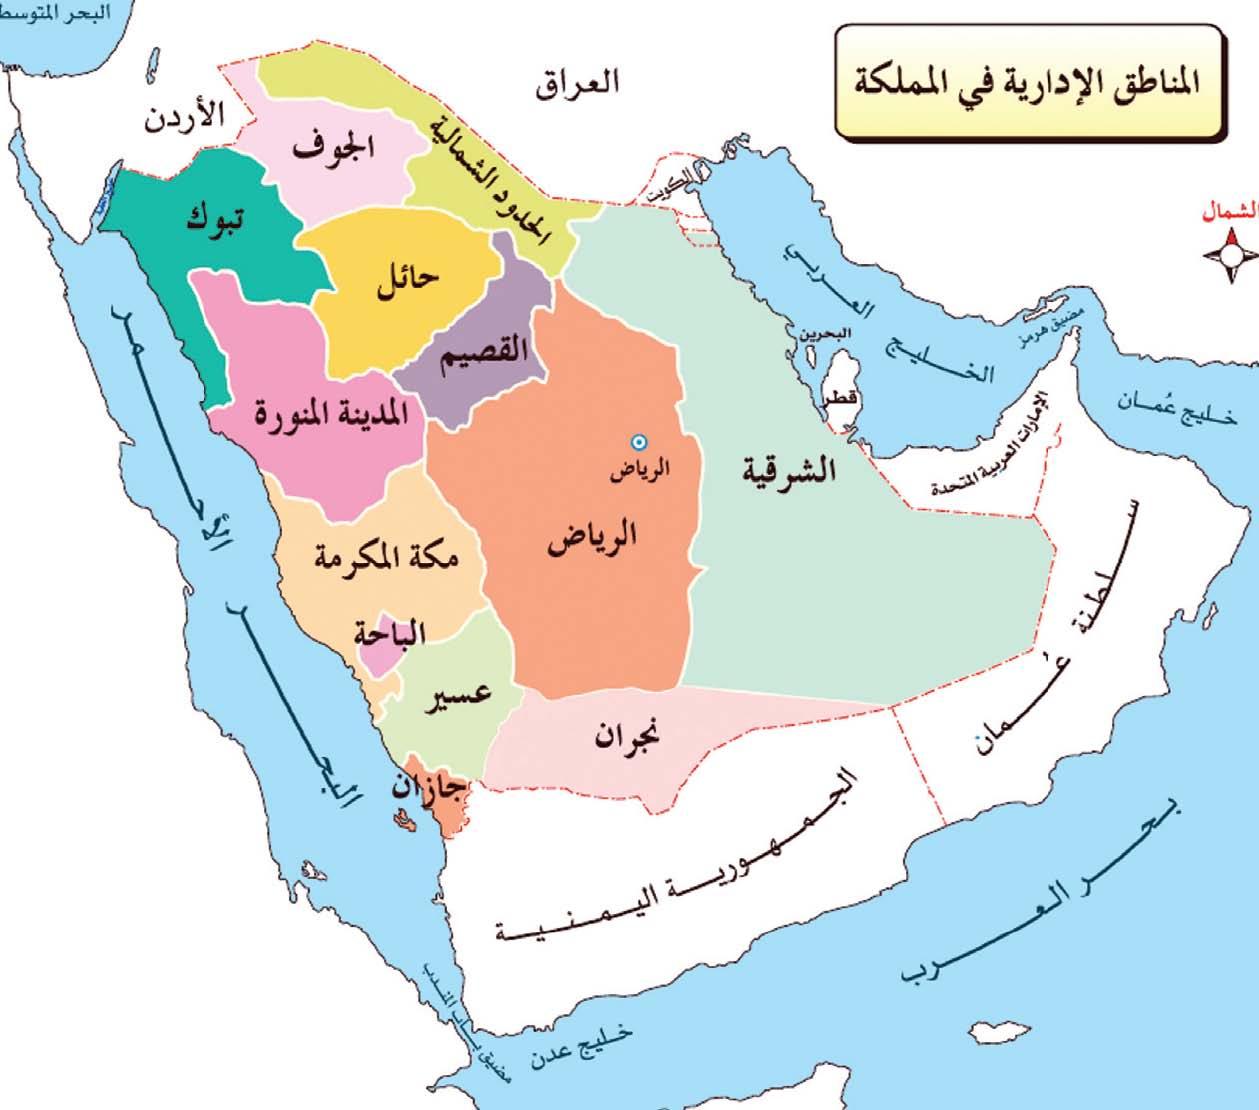 اسماء المناطق الادارية في المملكة العربية السعودية فهرس